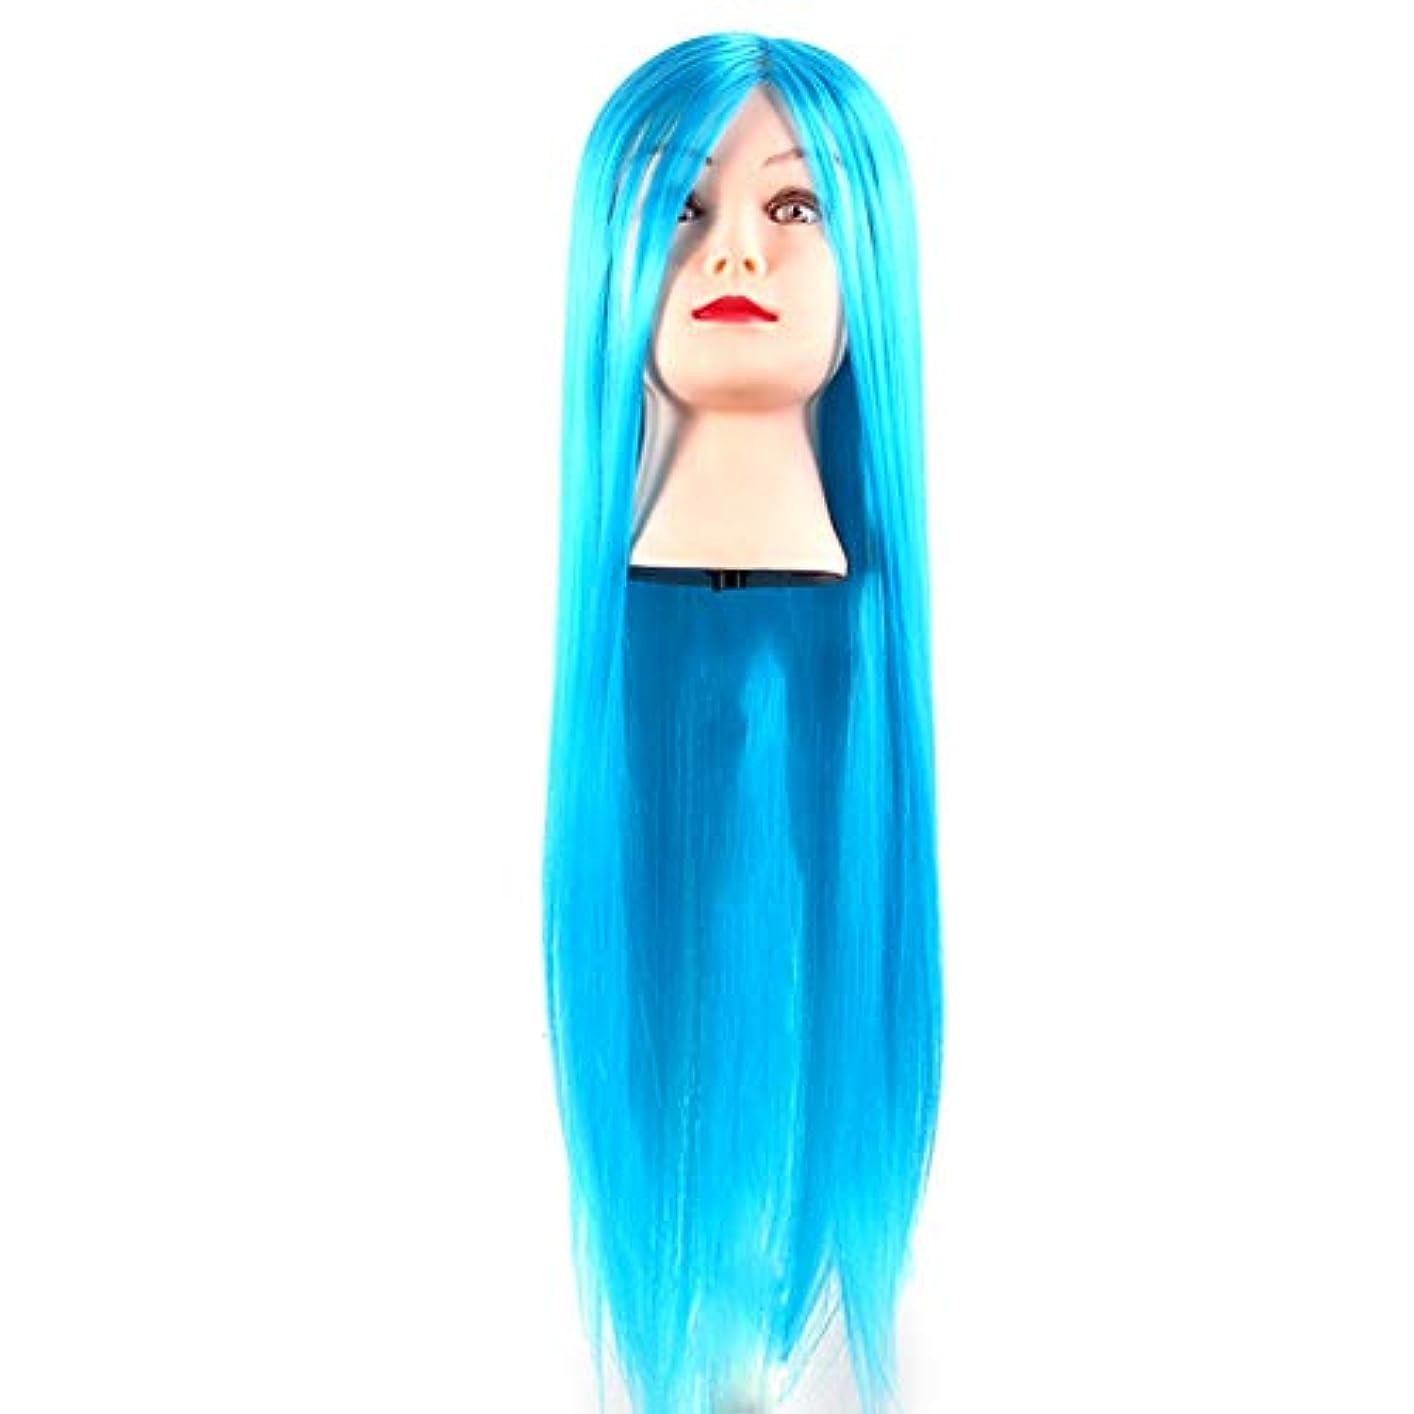 名前ウィンク吸収剤サロン散髪練習ヘッドモデルメイク学校編組髪開発学習モデルヘッドヘアストレートロングかつら